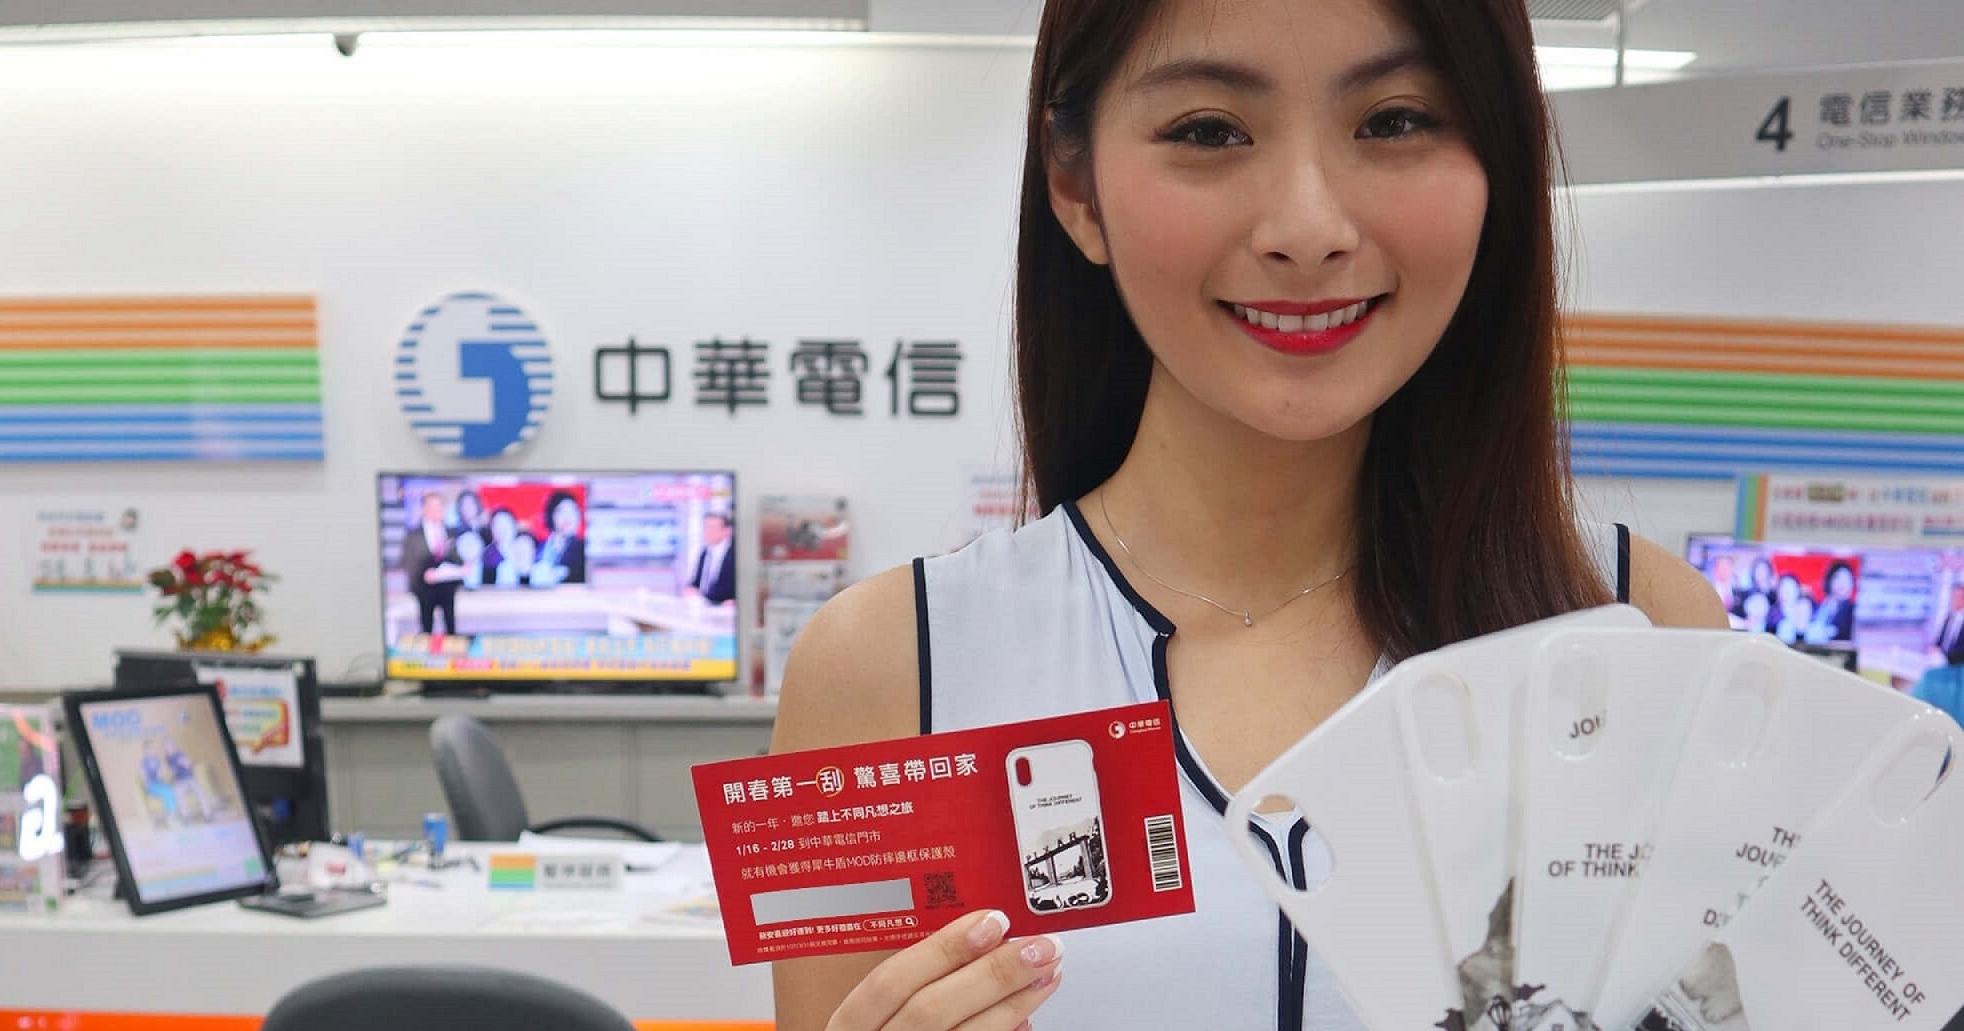 搶攻過年前商機,中華電信推新優惠方案:搭配資費老客戶最高可現折 5,000 元